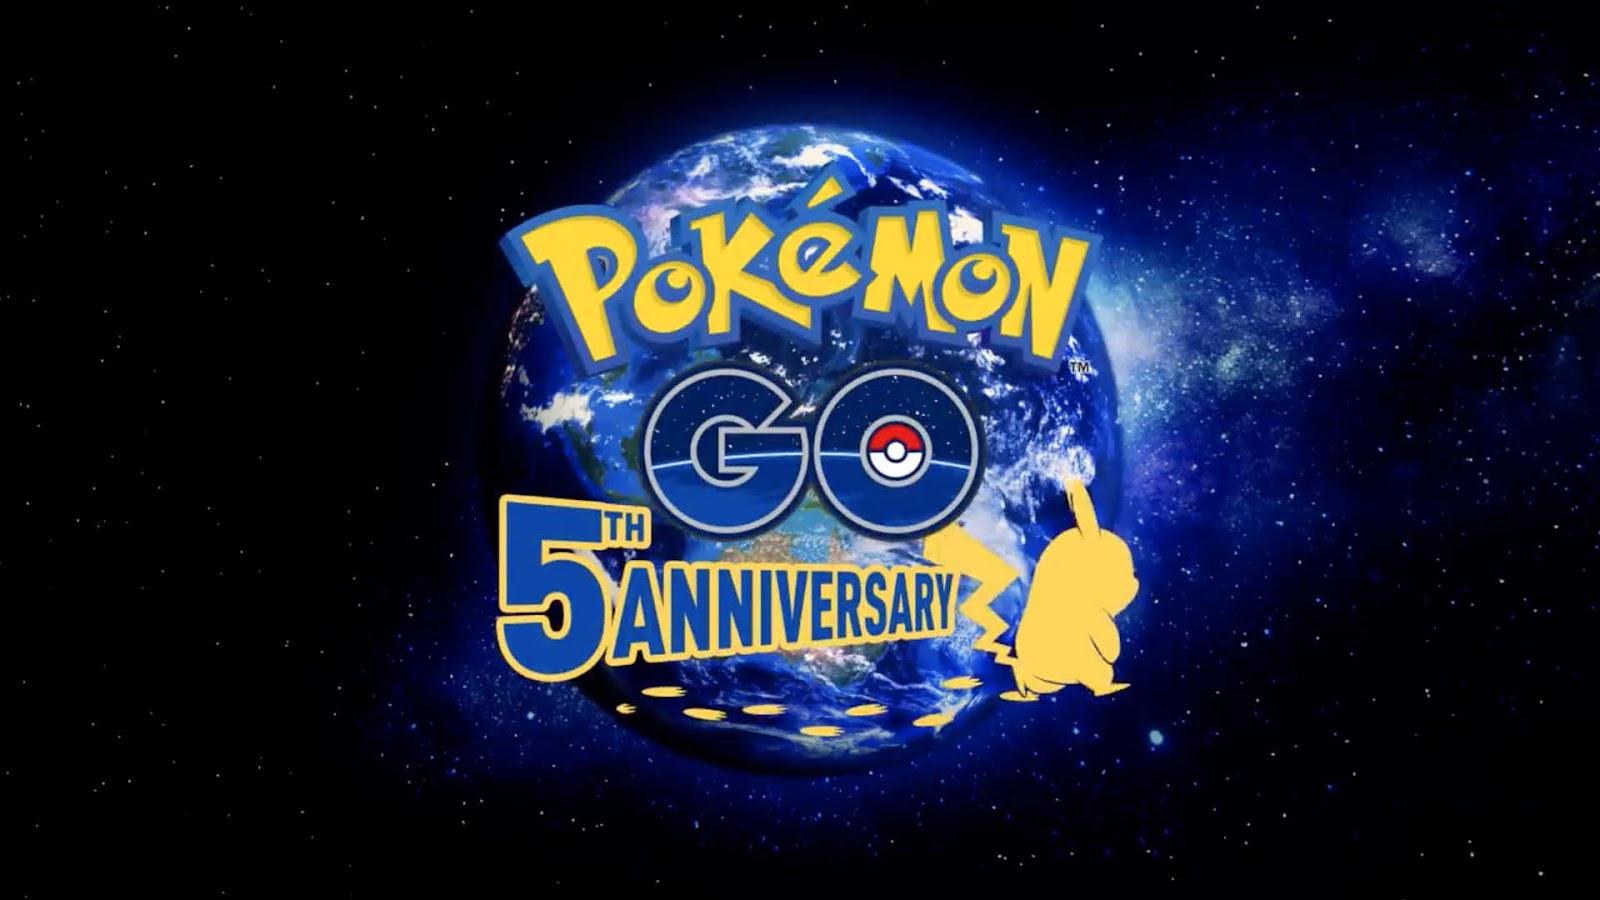 Pokemon GO Pokémon